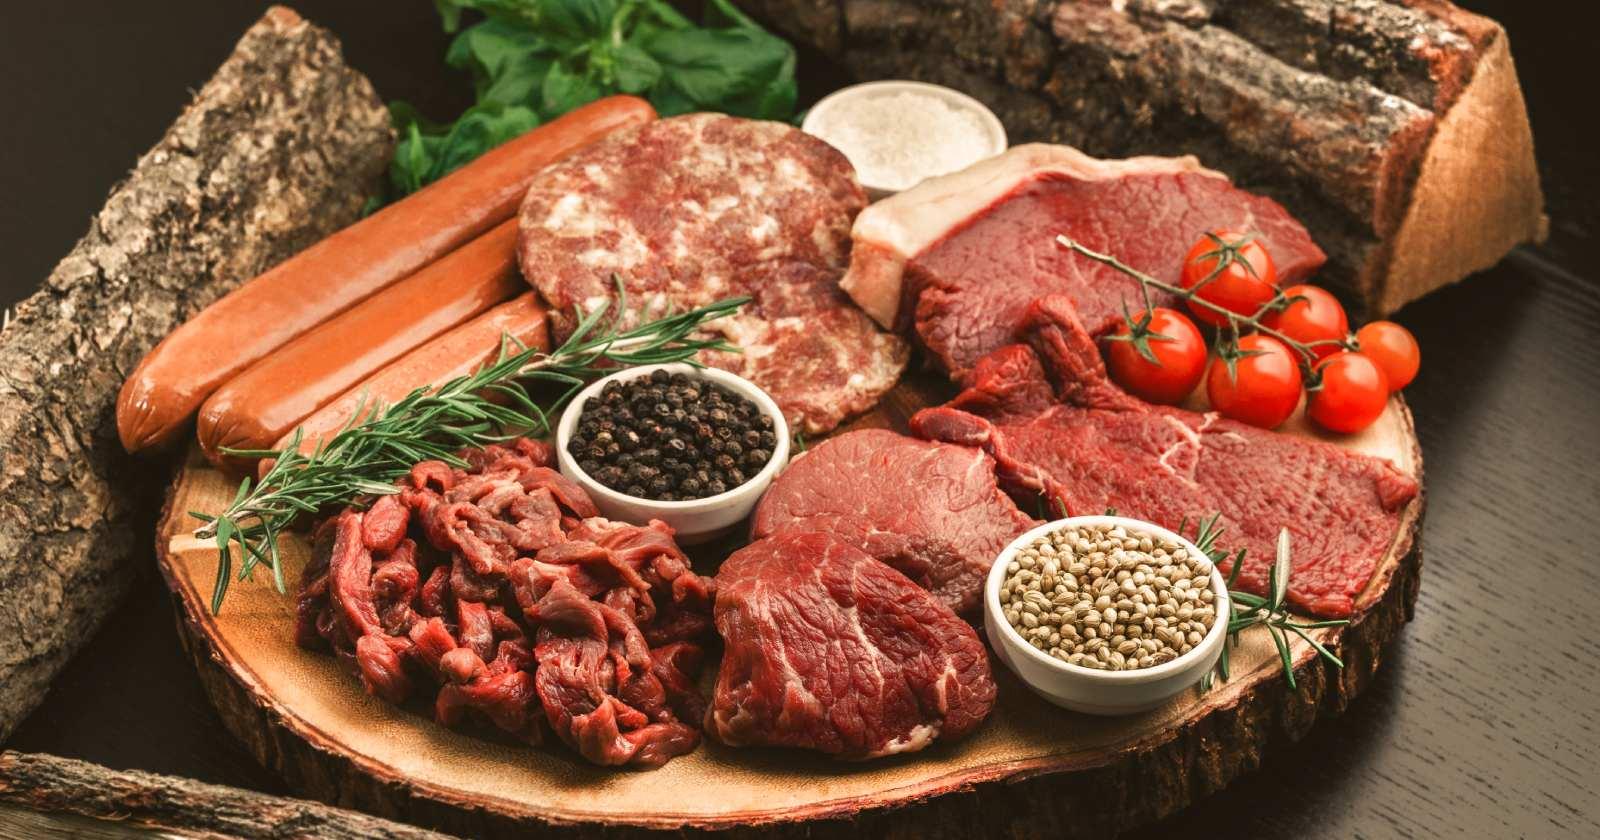 キャンプ飯に欠かせない肉料理!美味しく作るポイント&人気レシピ